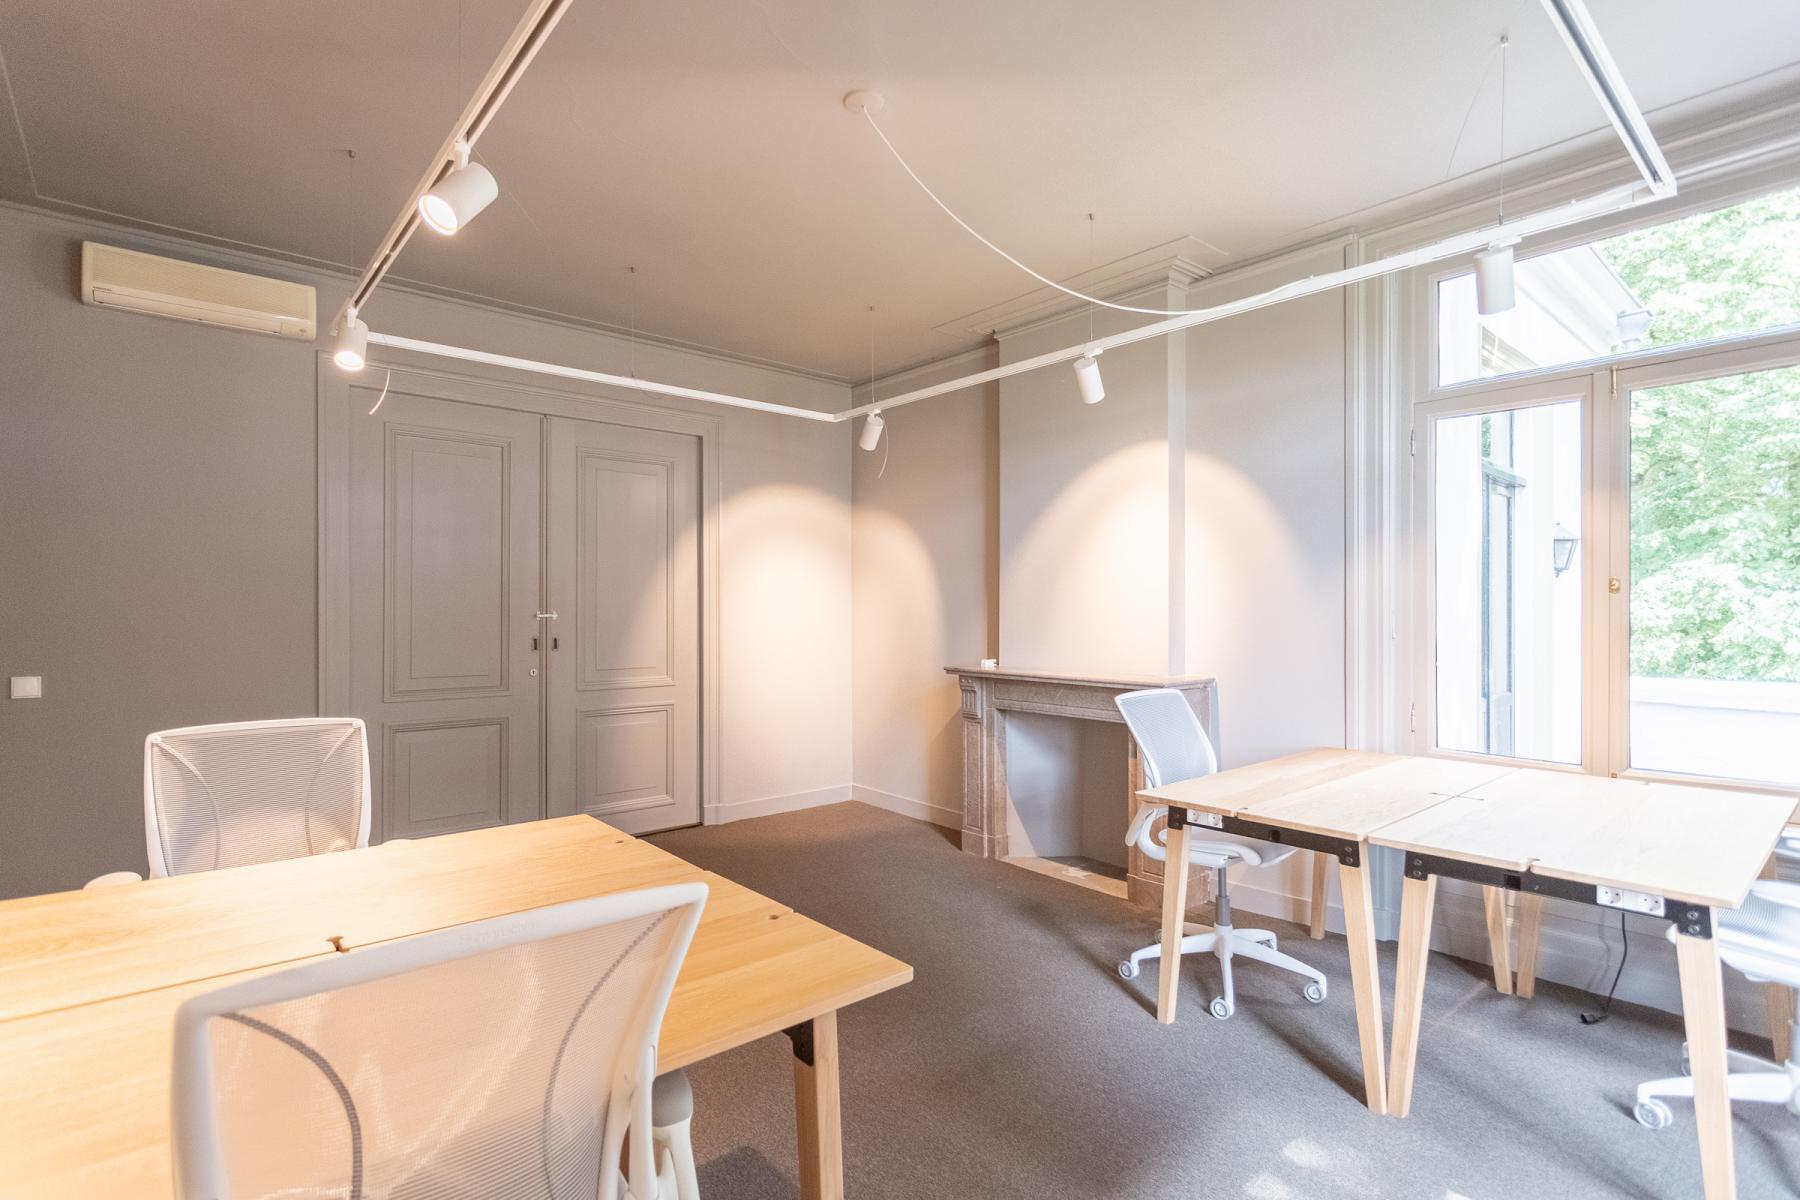 Hoofdstraat Driebergen Rijsenburg Zeist Utrechtse heuvelrug landgoed villa kantoorvilla kantoorkamers kantoorruimte flexplekken werkplekken buiten natuur netjes groot ruim licht keuken vergaderen